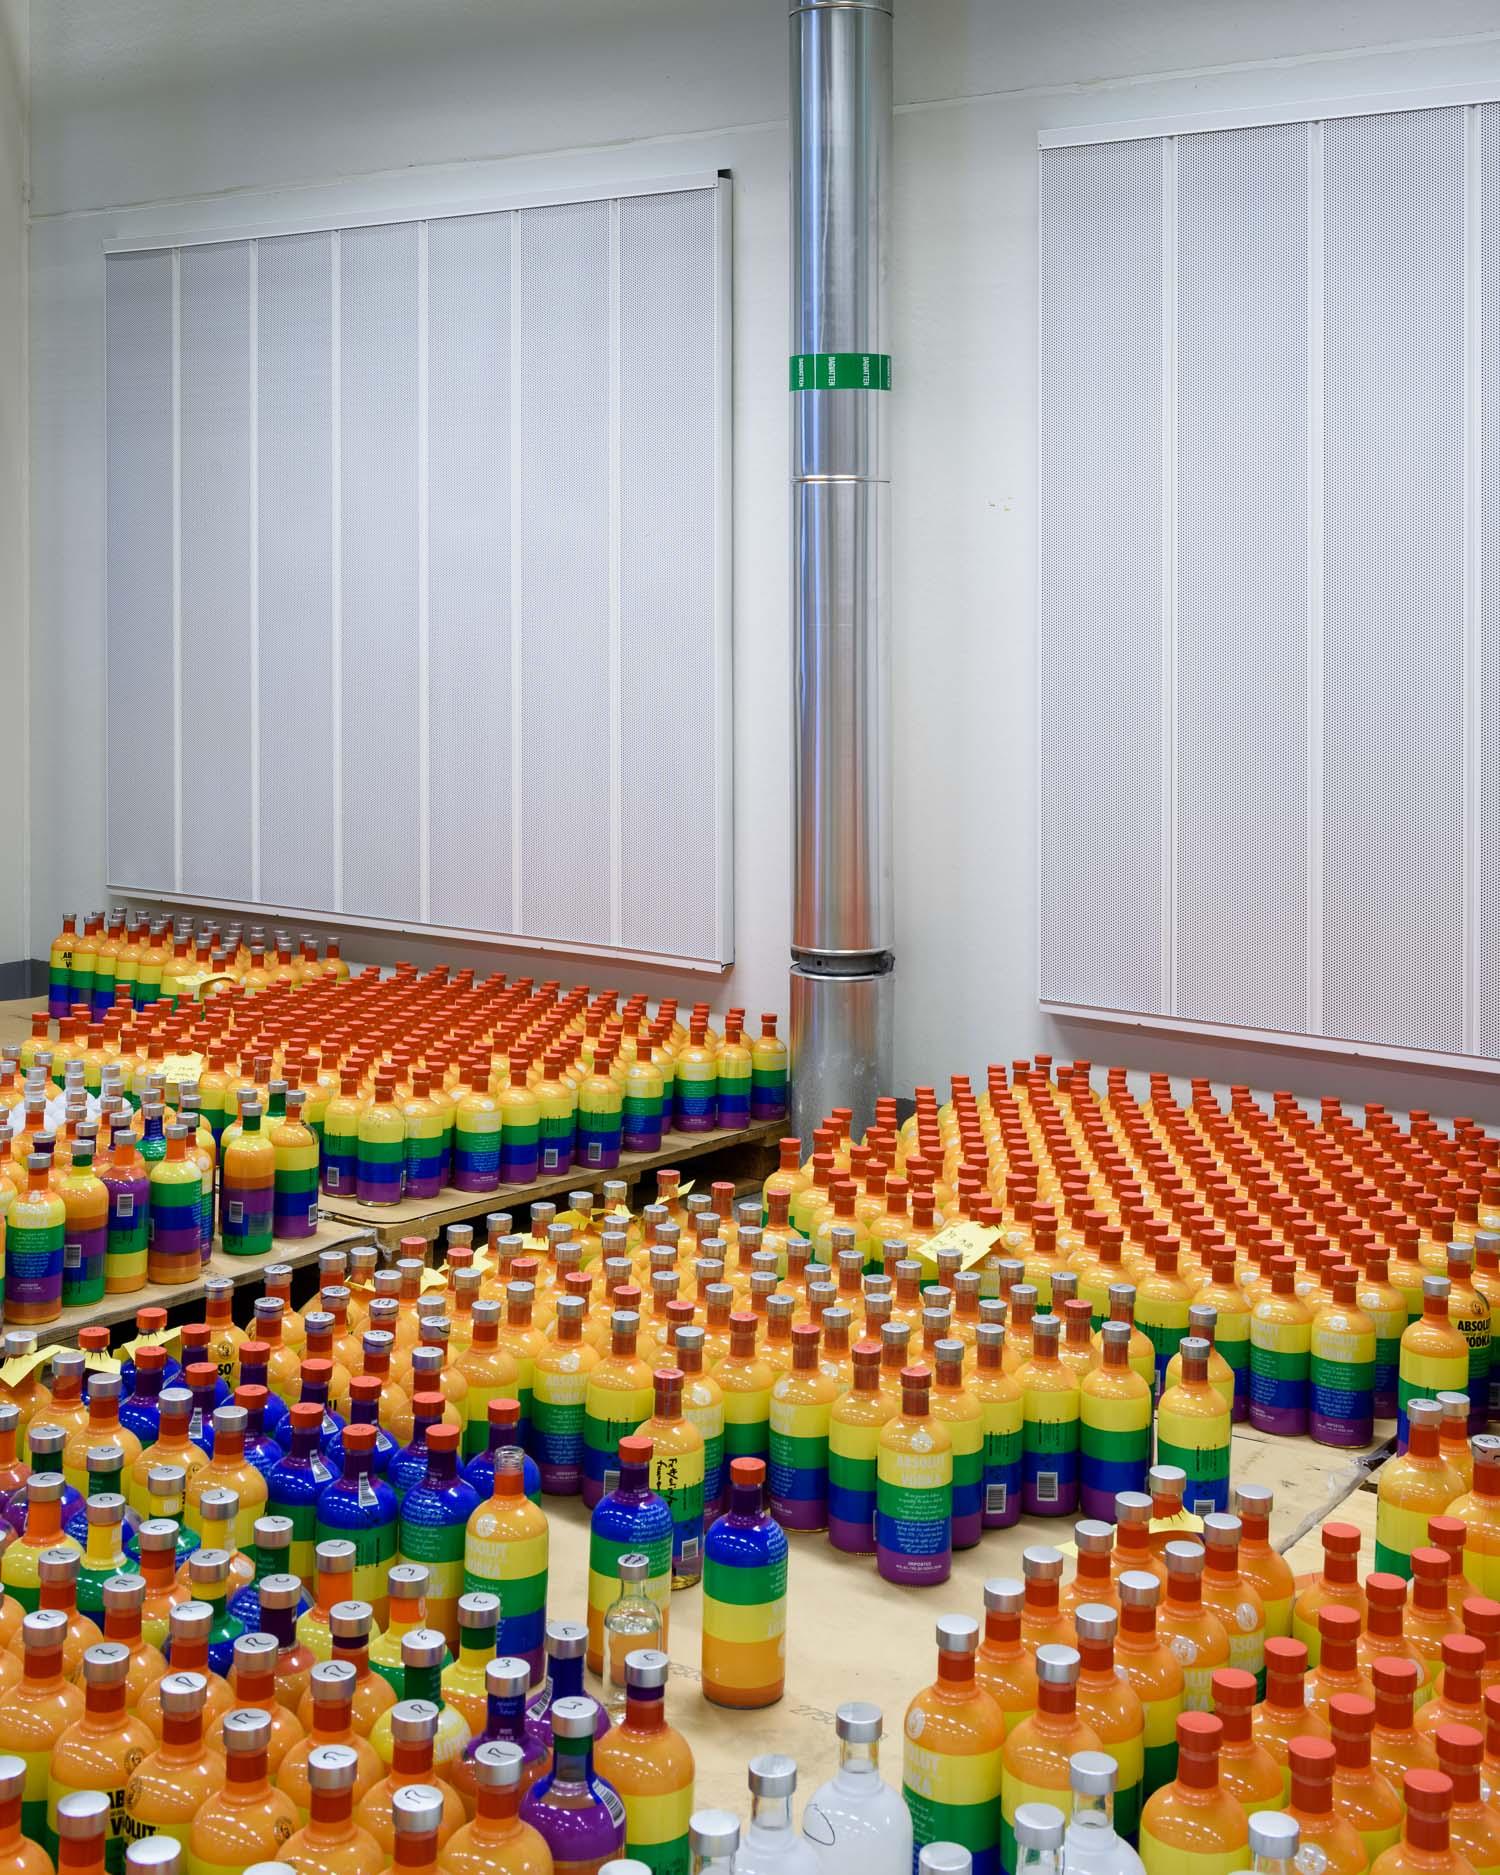 Bottle tests at the bottling plant in Åhus